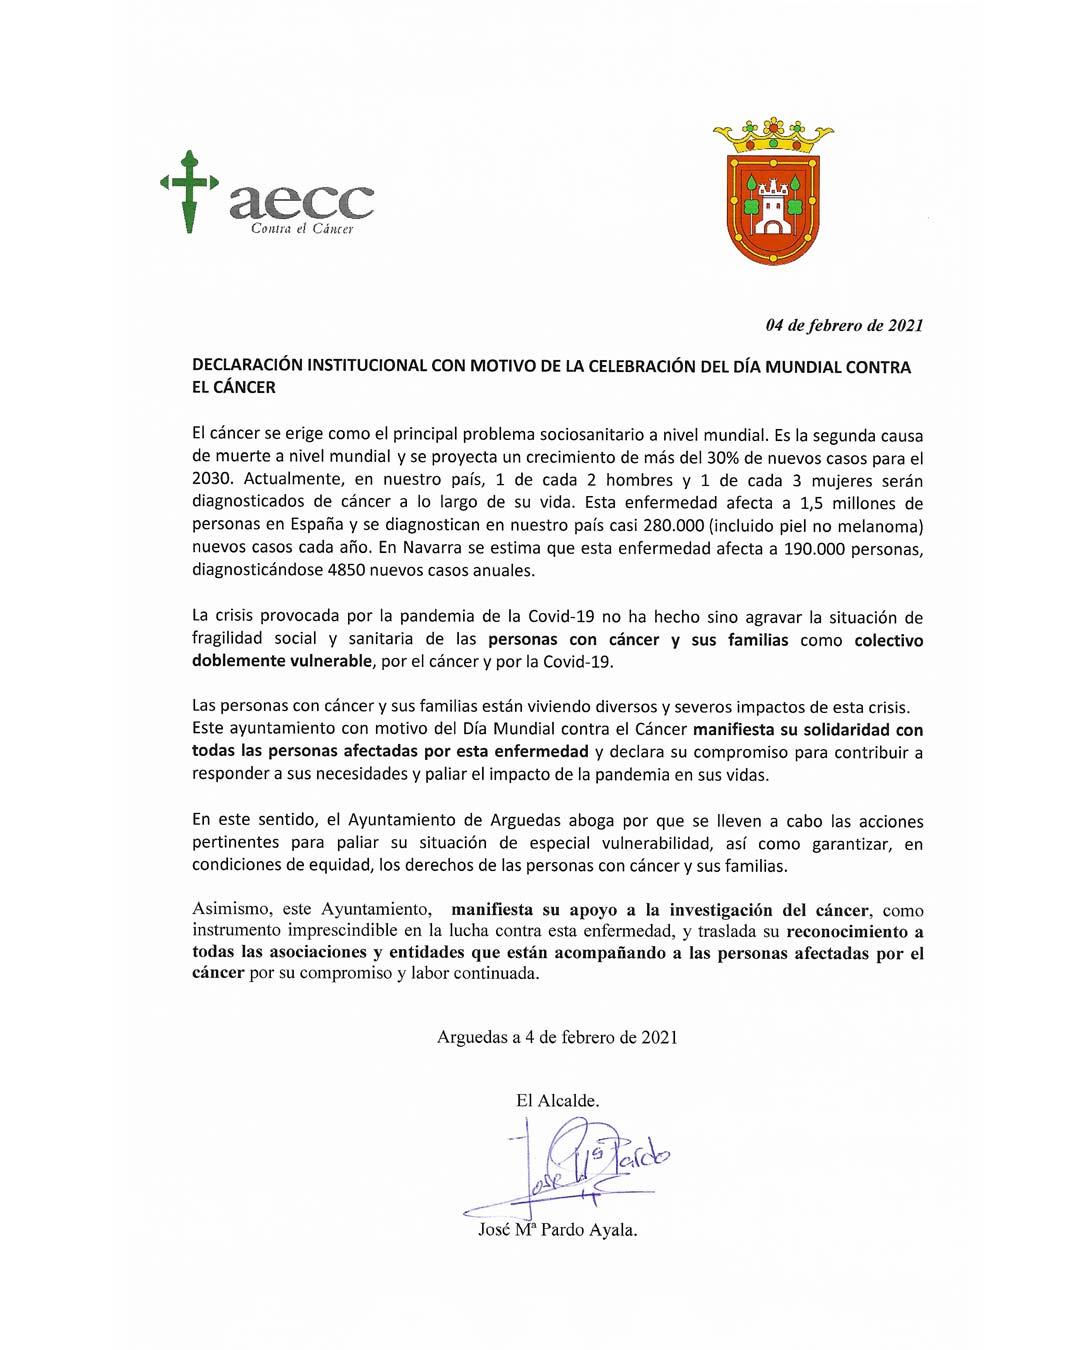 Arguedas-Declaracion-cancer-2021.